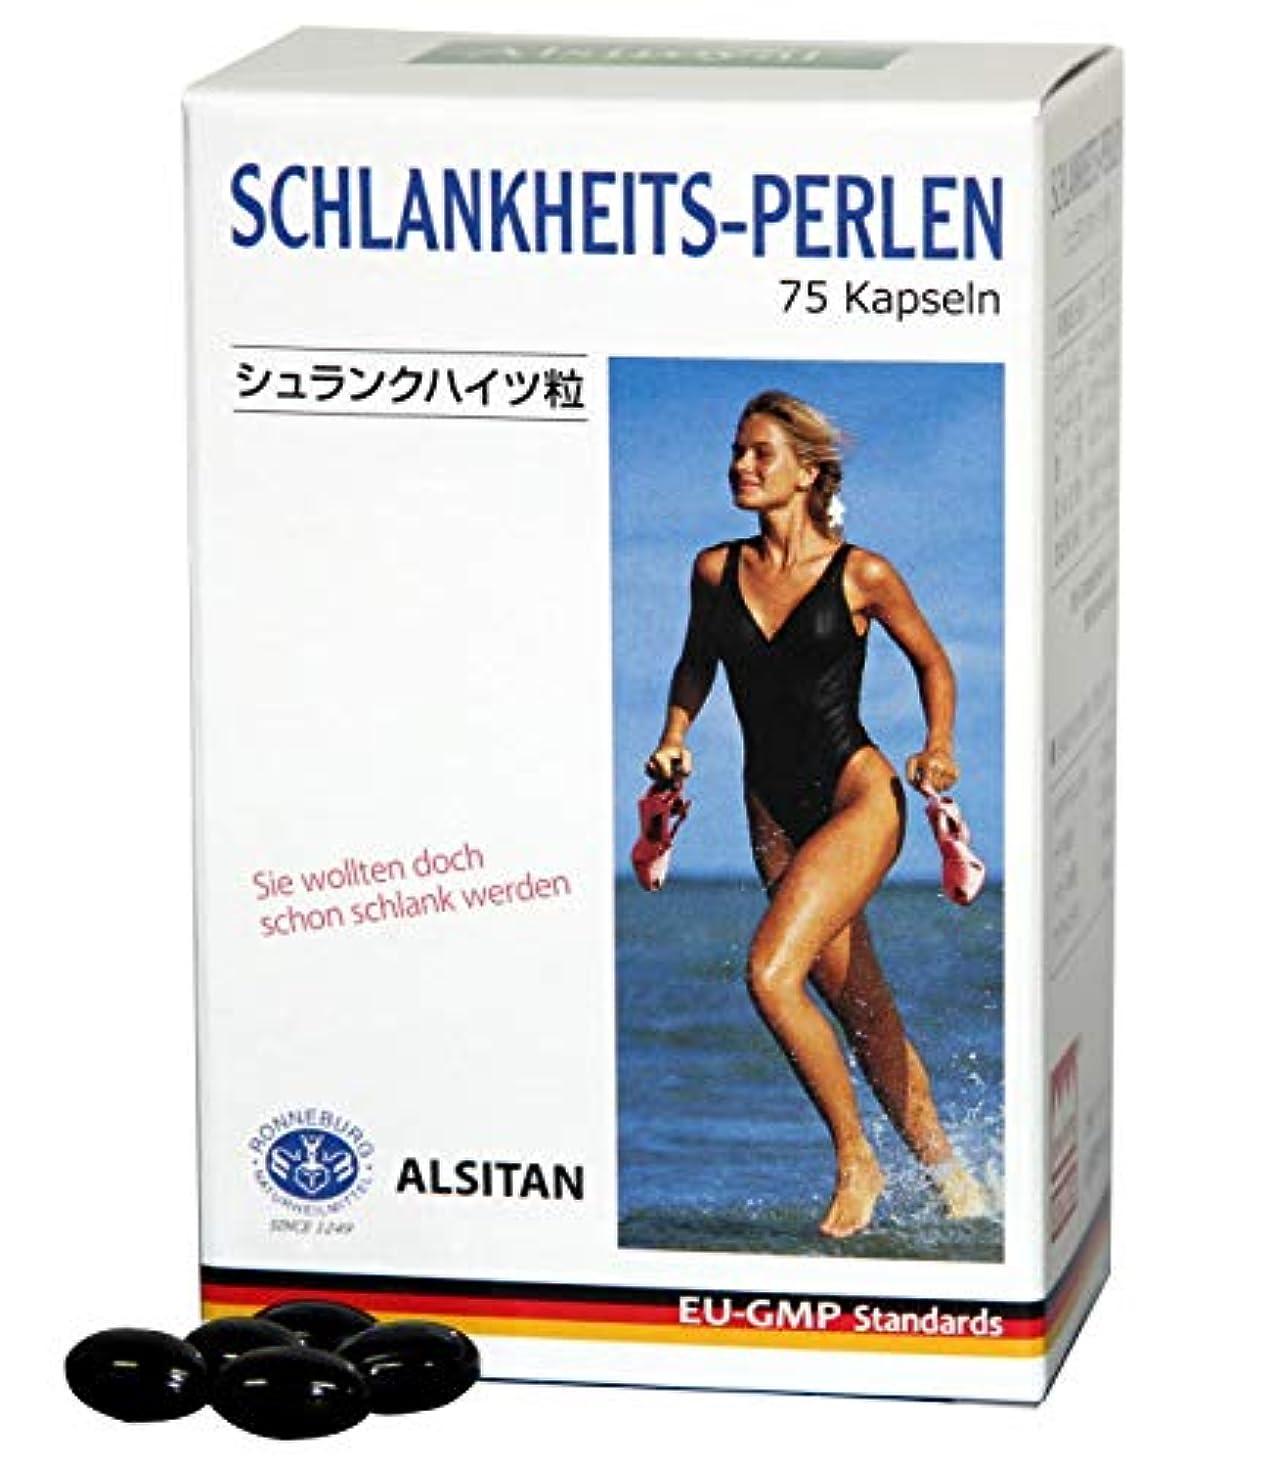 軽出口犯罪シュランクハイツ粒 5箱セット 375粒 ダイエットサプリメント